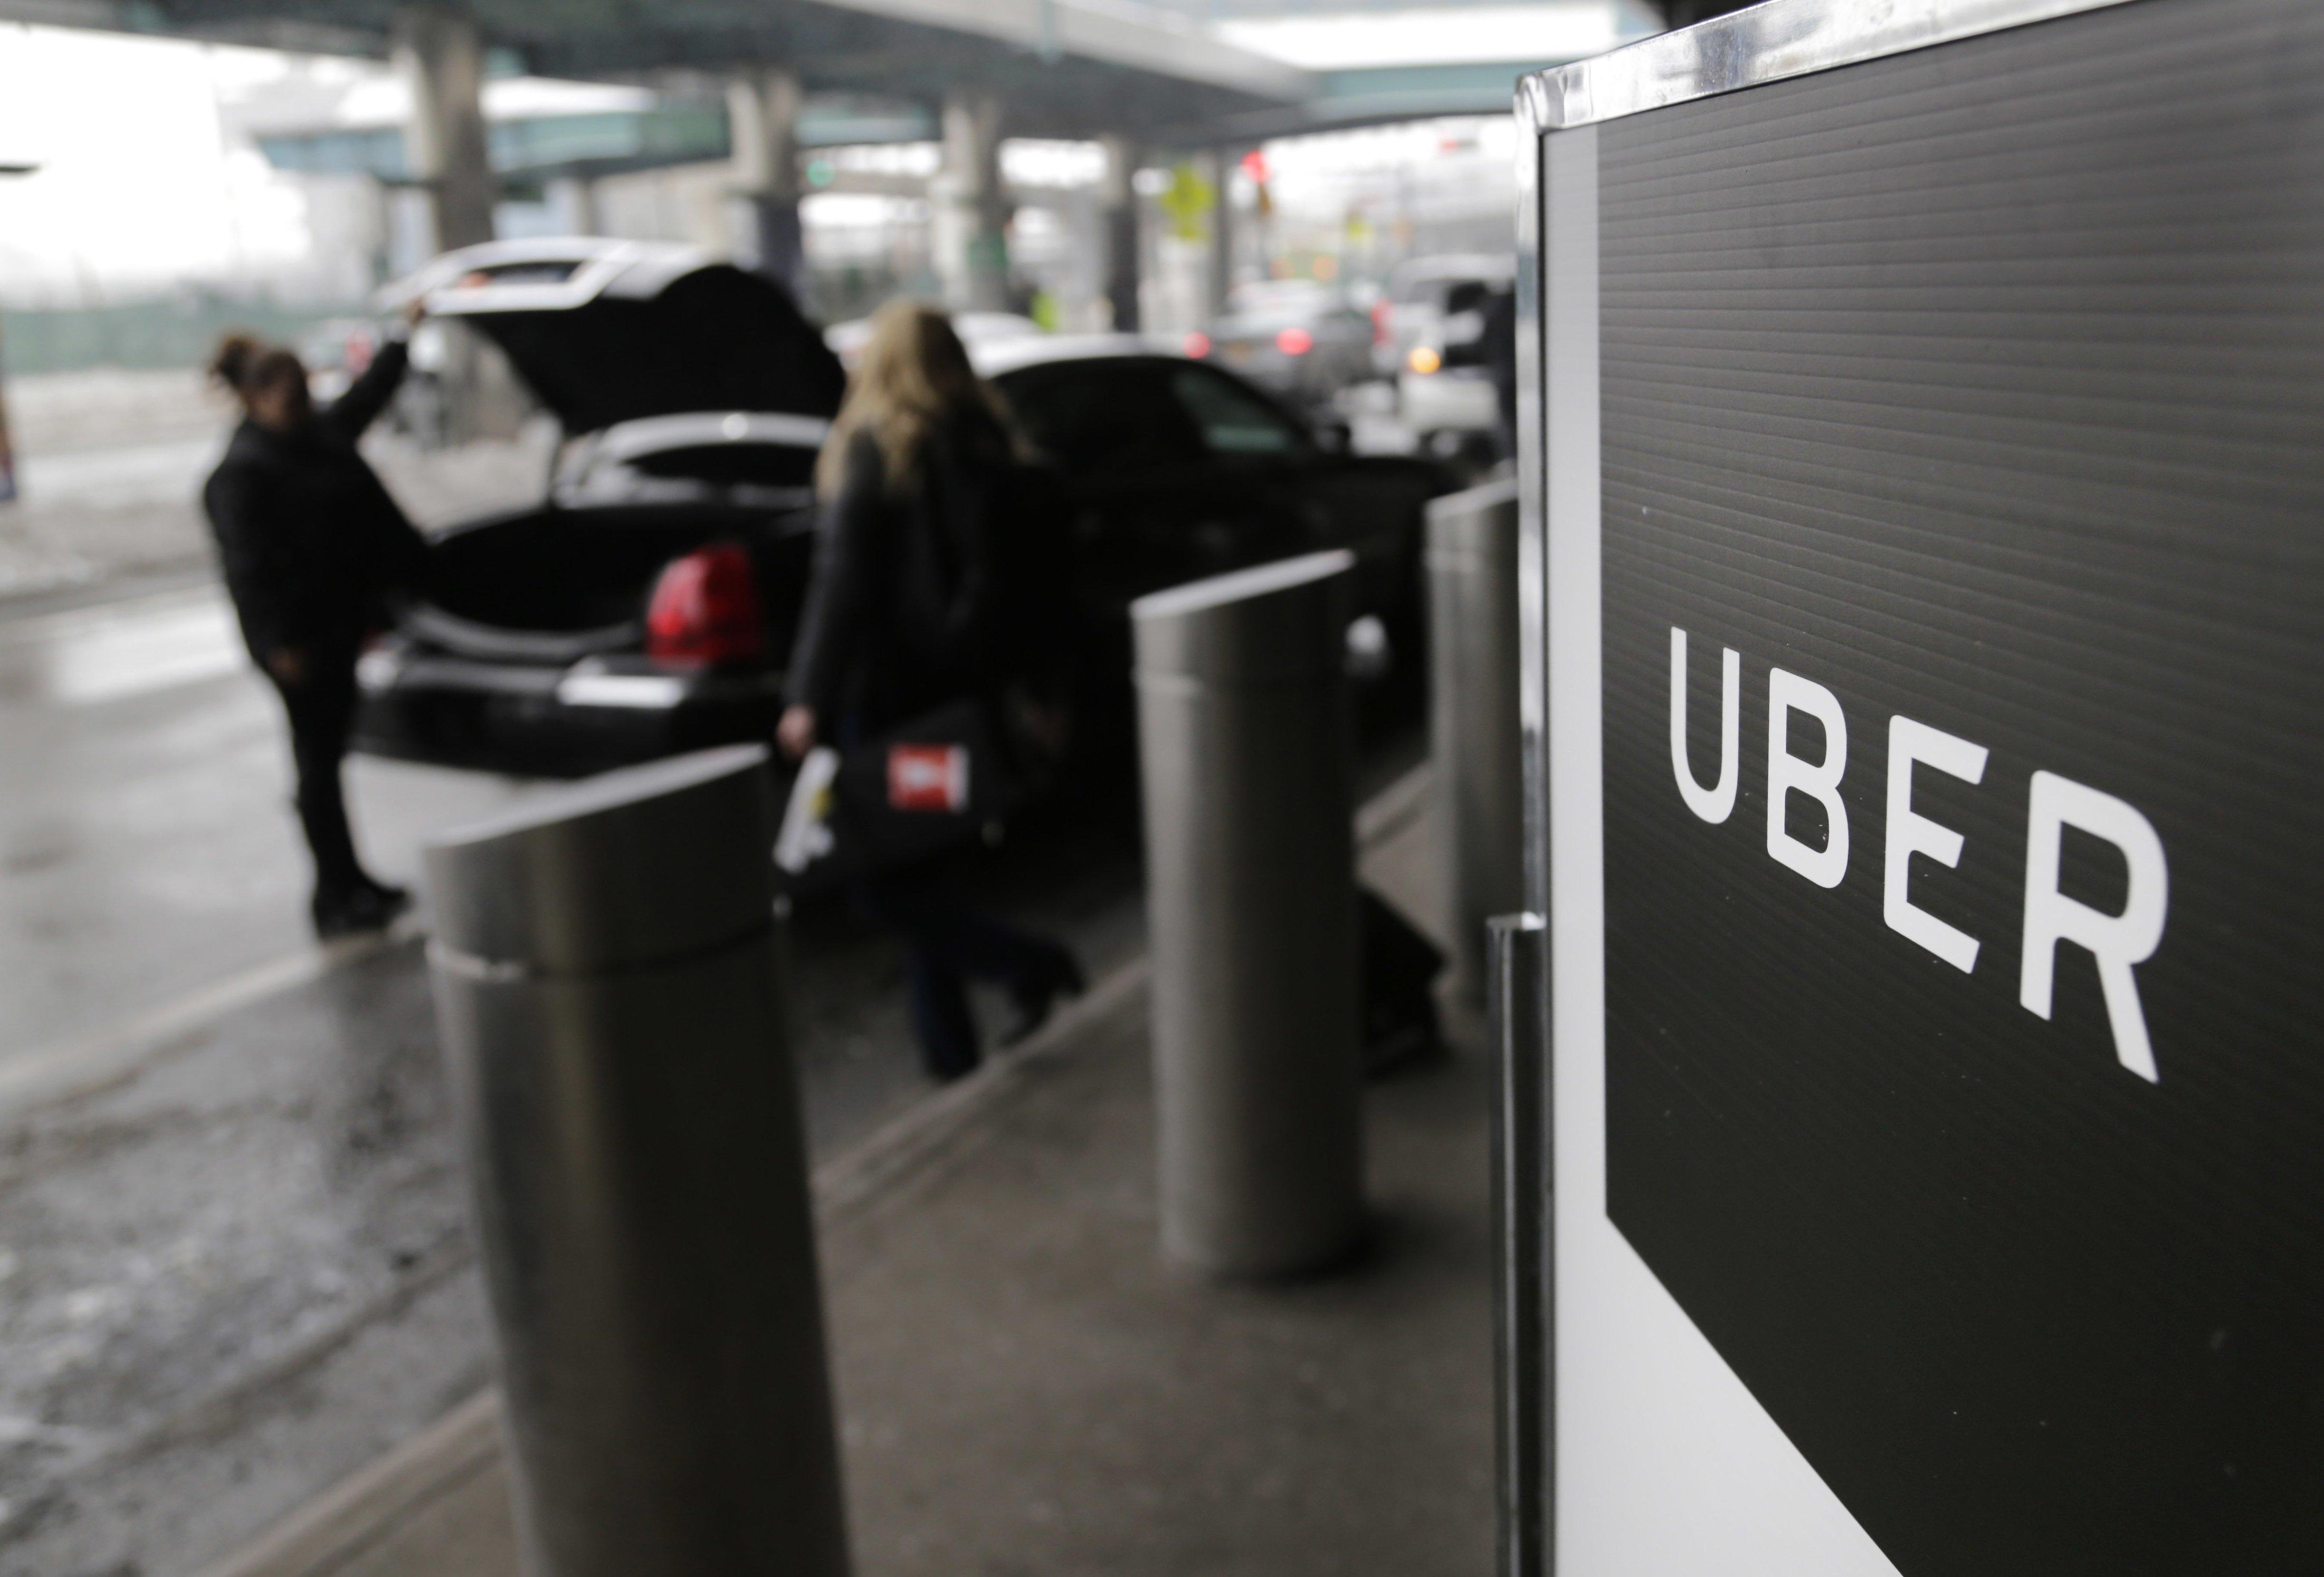 遭大股东反对 软银数十亿美元入股Uber遇阻